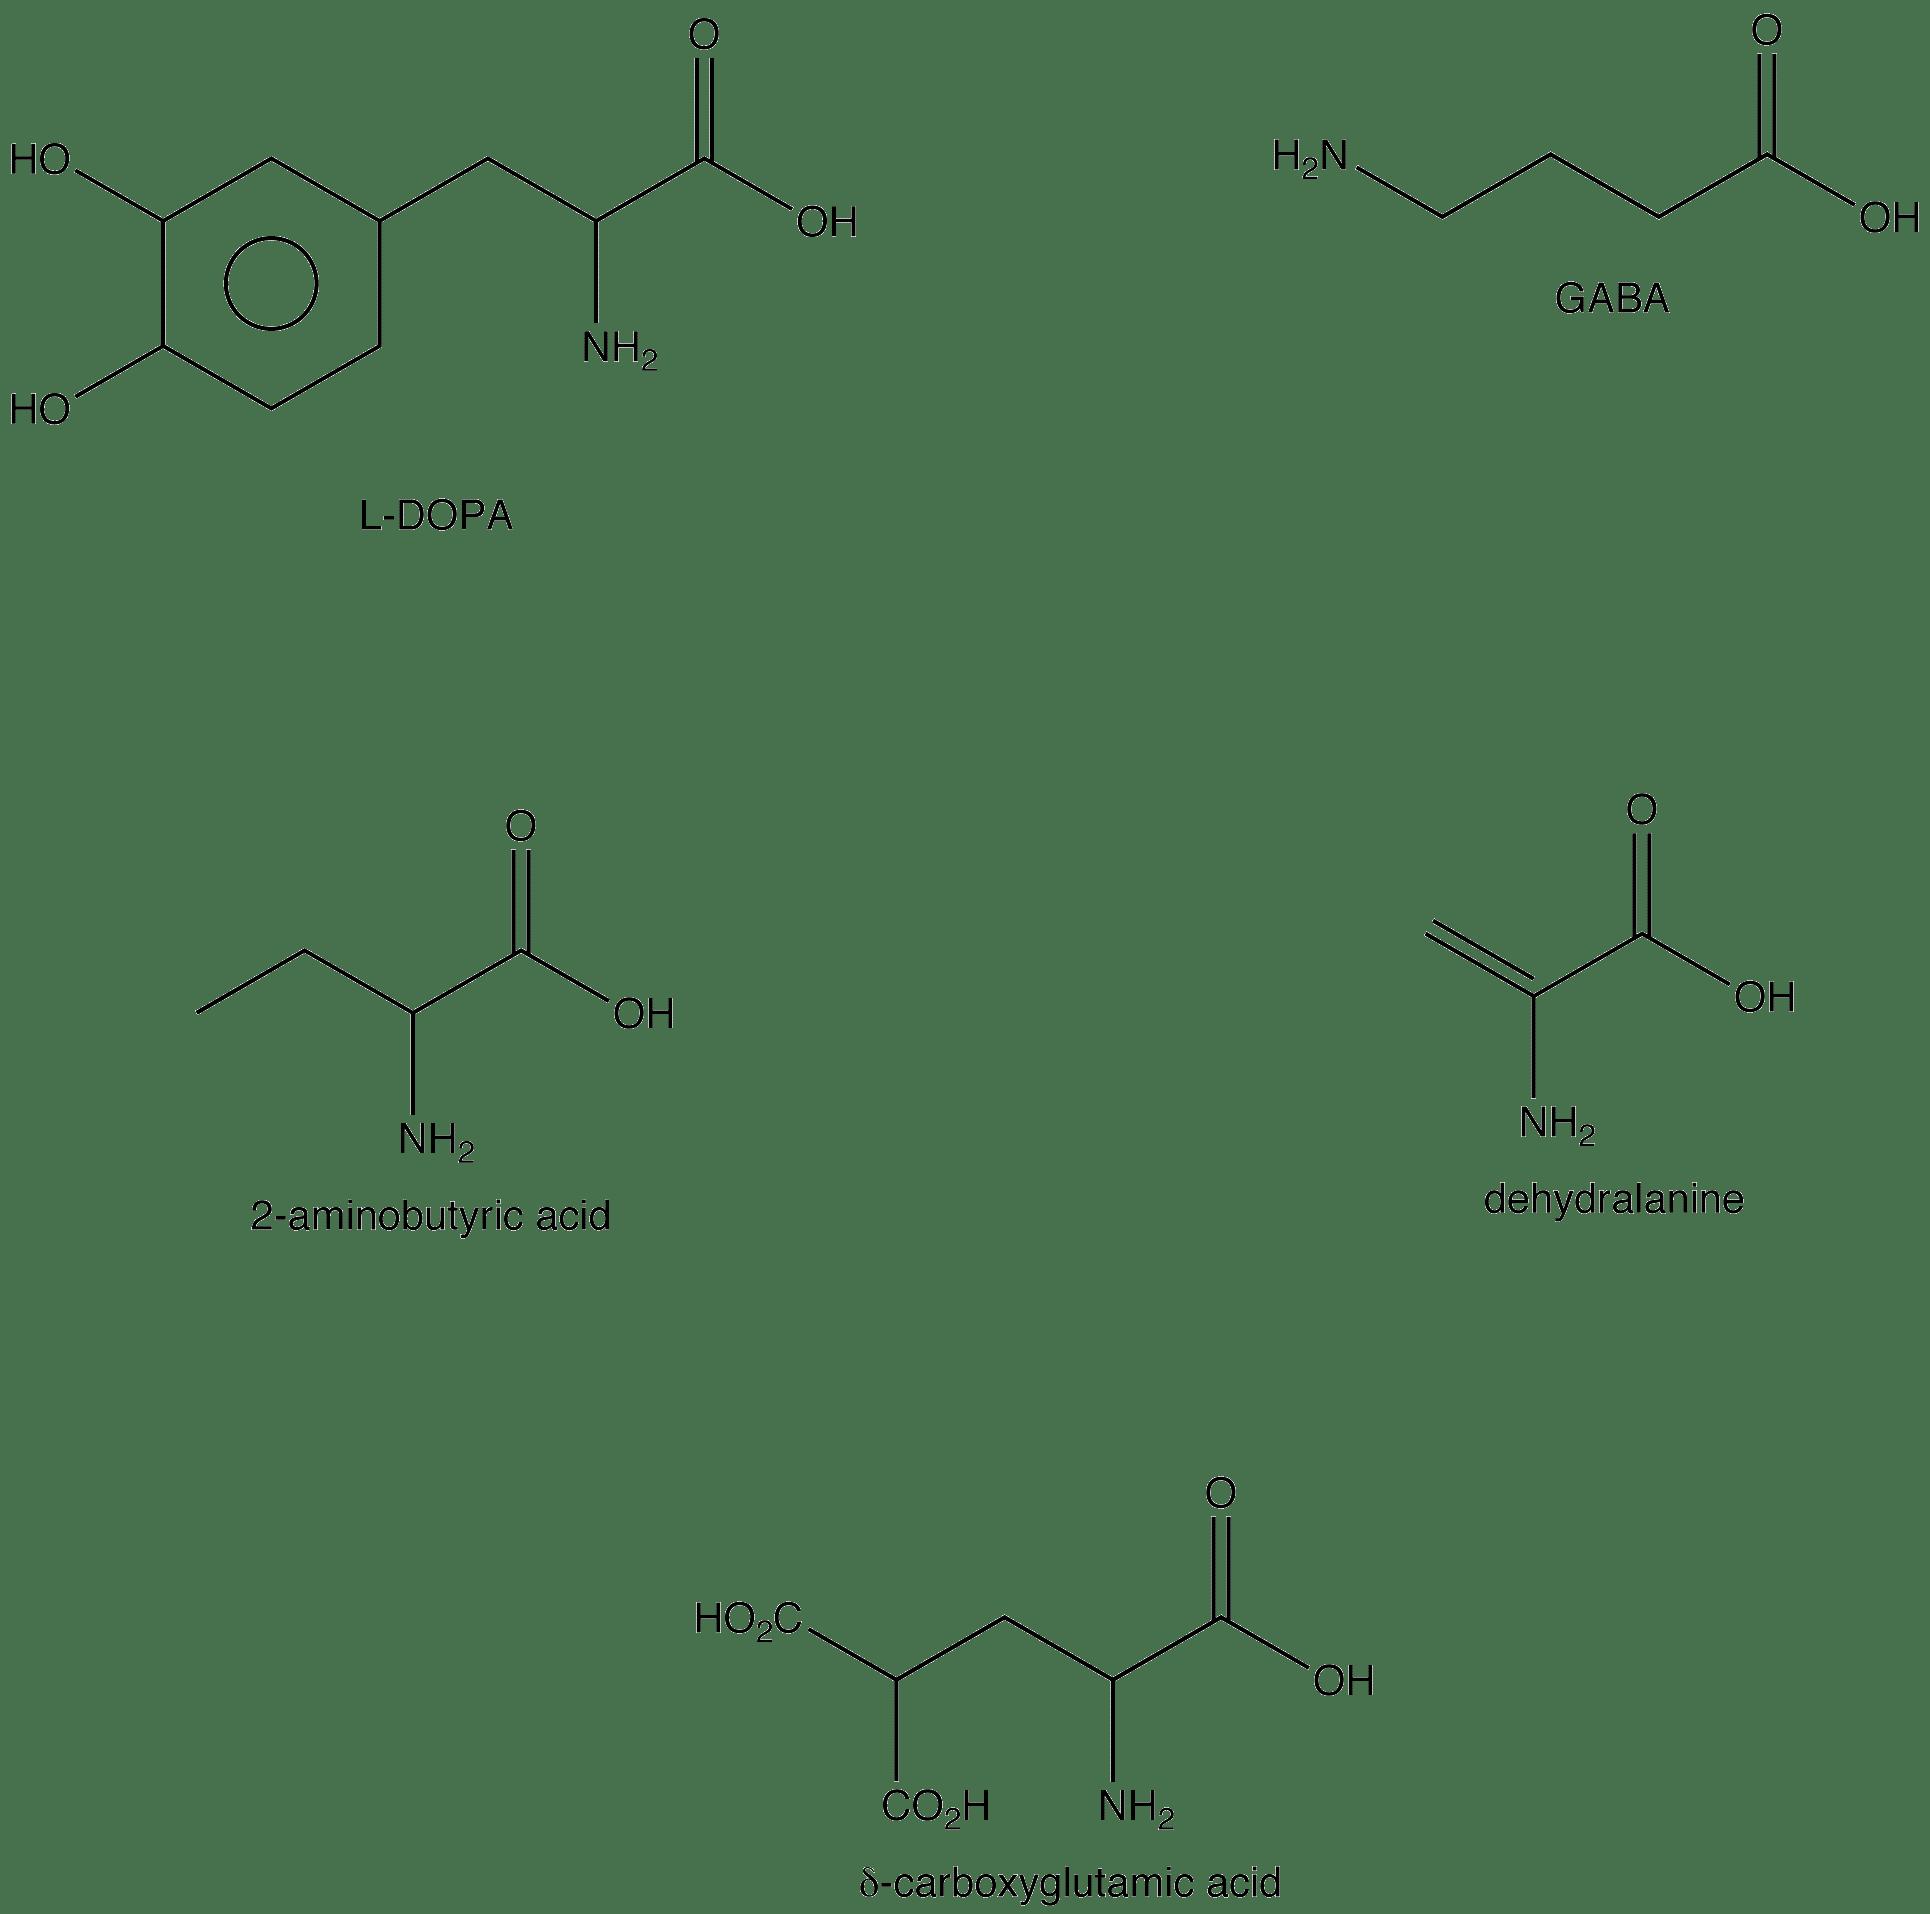 hight resolution of nonstandard amino acid